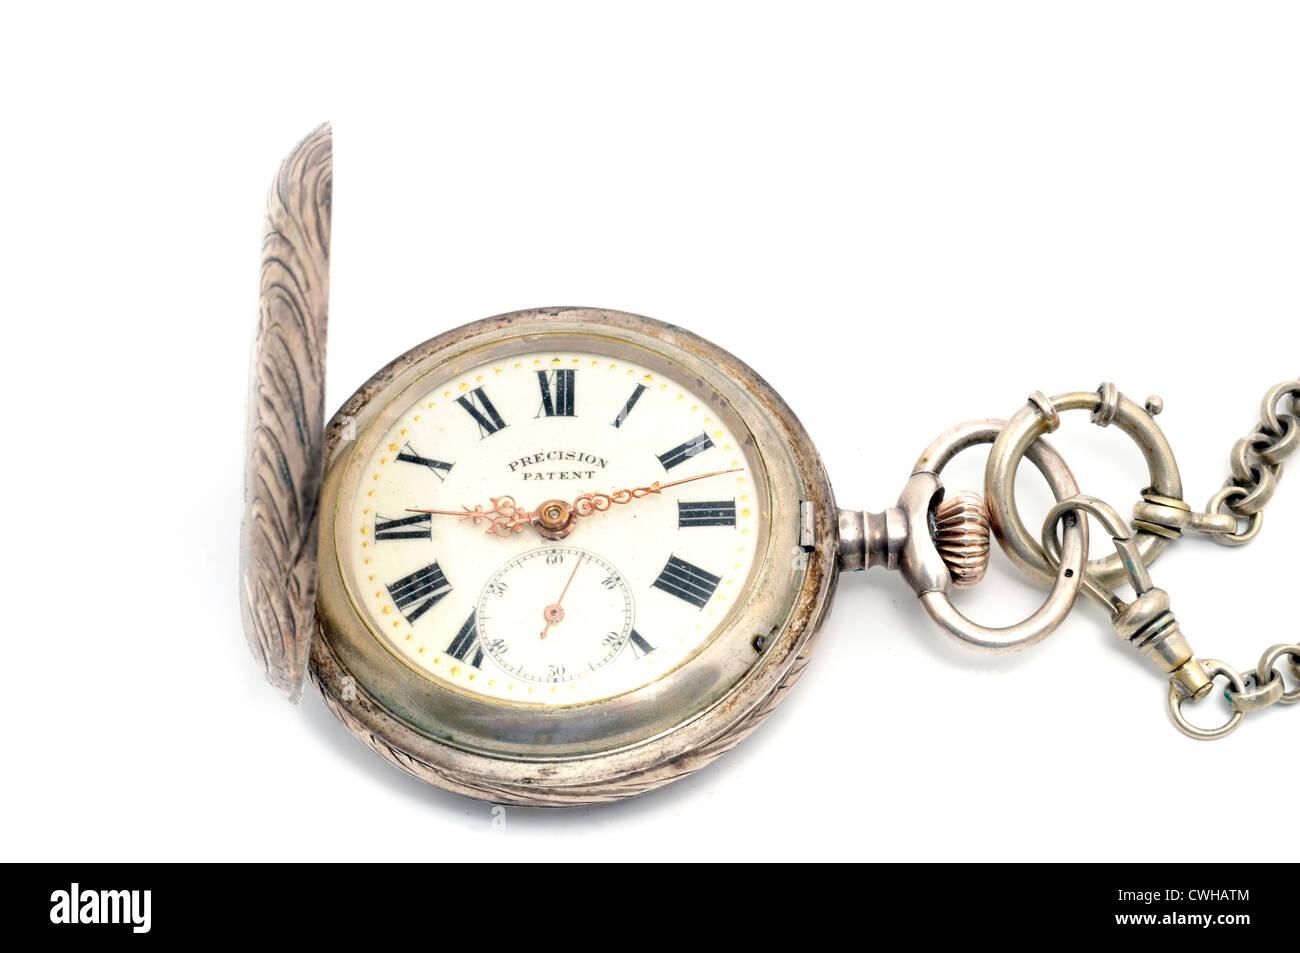 Antiguo reloj de bolsillo delante de un fondo blanco. Foto de stock